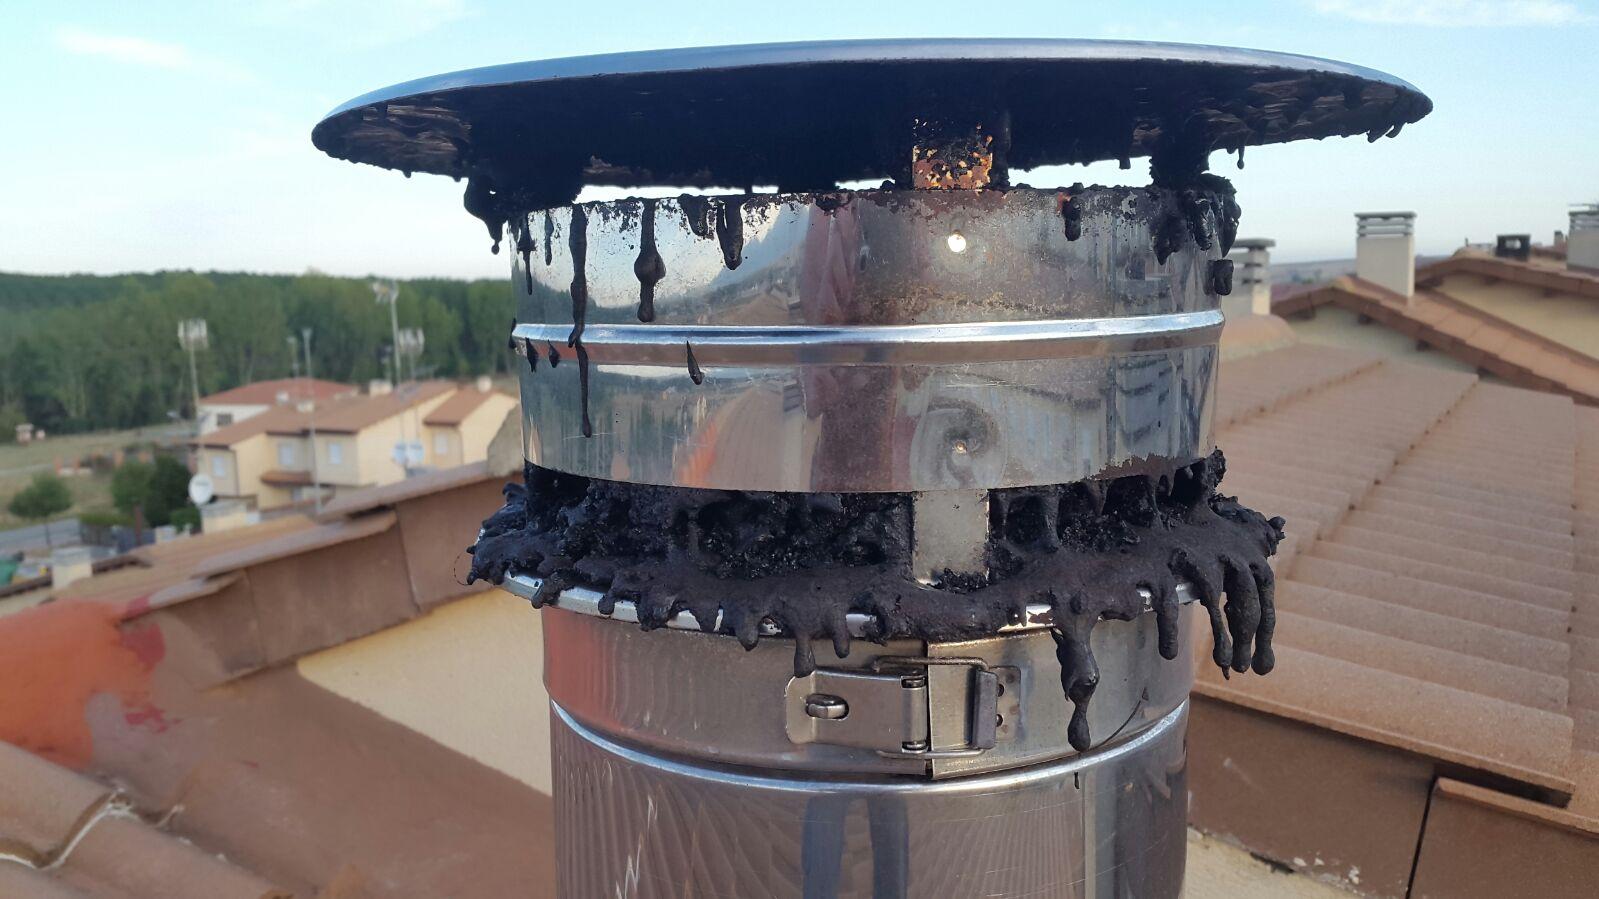 Limpieza de chimeneas chimeneas mart n mu oz - Limpieza de chimeneas ...